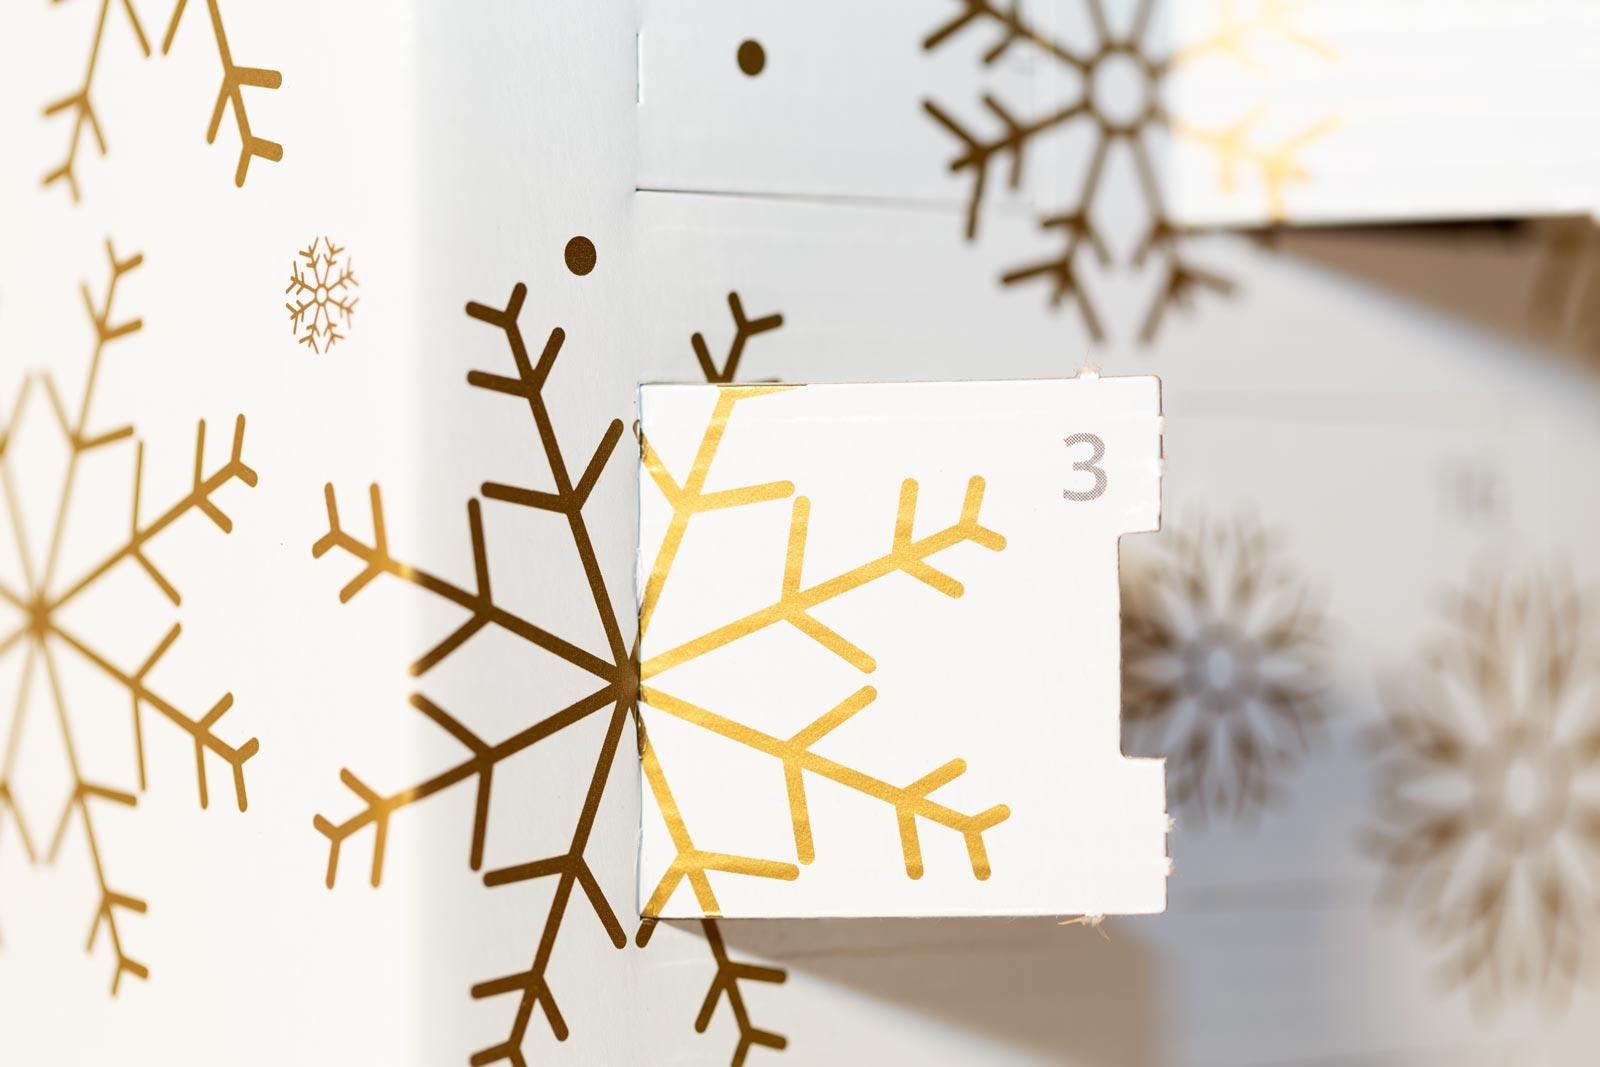 Gesa Siebert Kommunikationsdesign JWhisky Weihnachtskalender 2017 Sonderfarbe Pantone Gold Flaschenlabels Etiketten